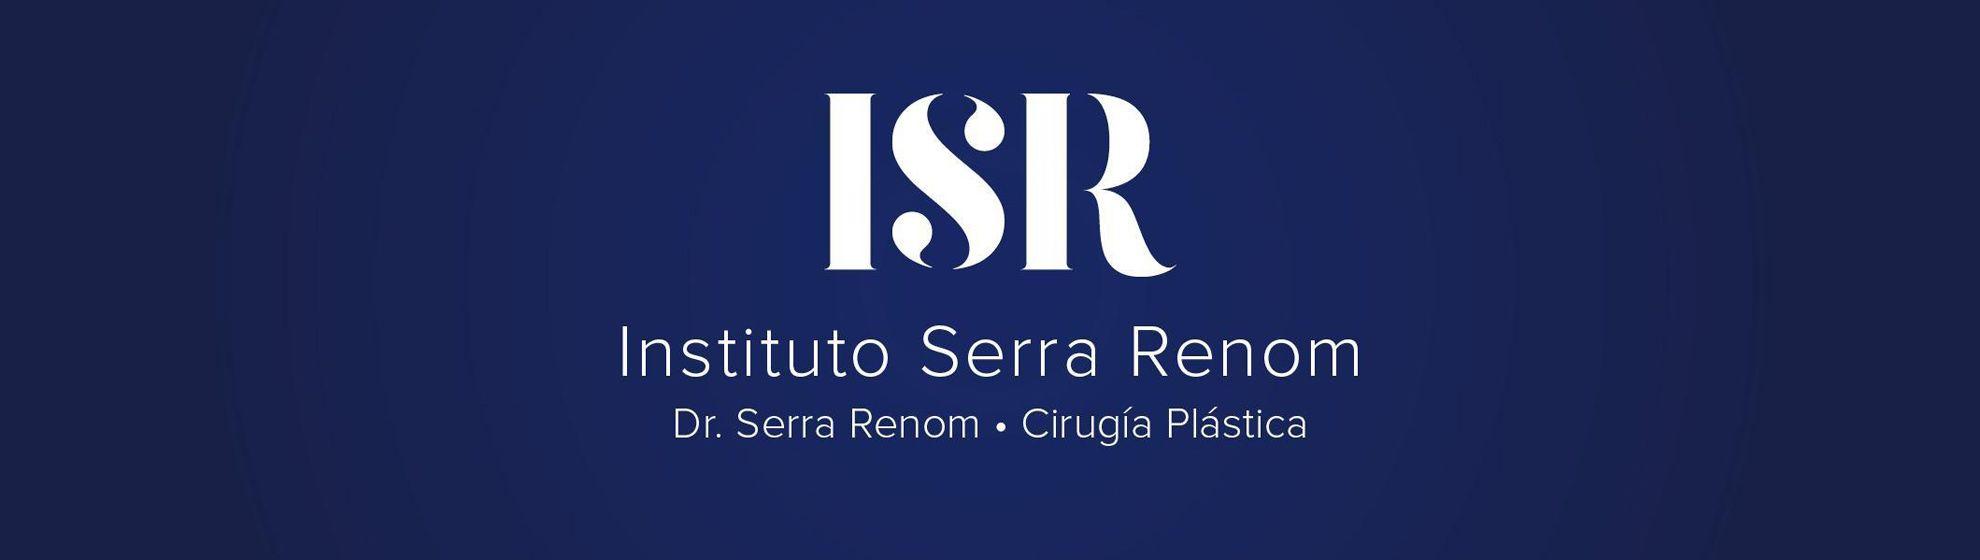 Instituto de cirugía estética Dr. Serra Renom